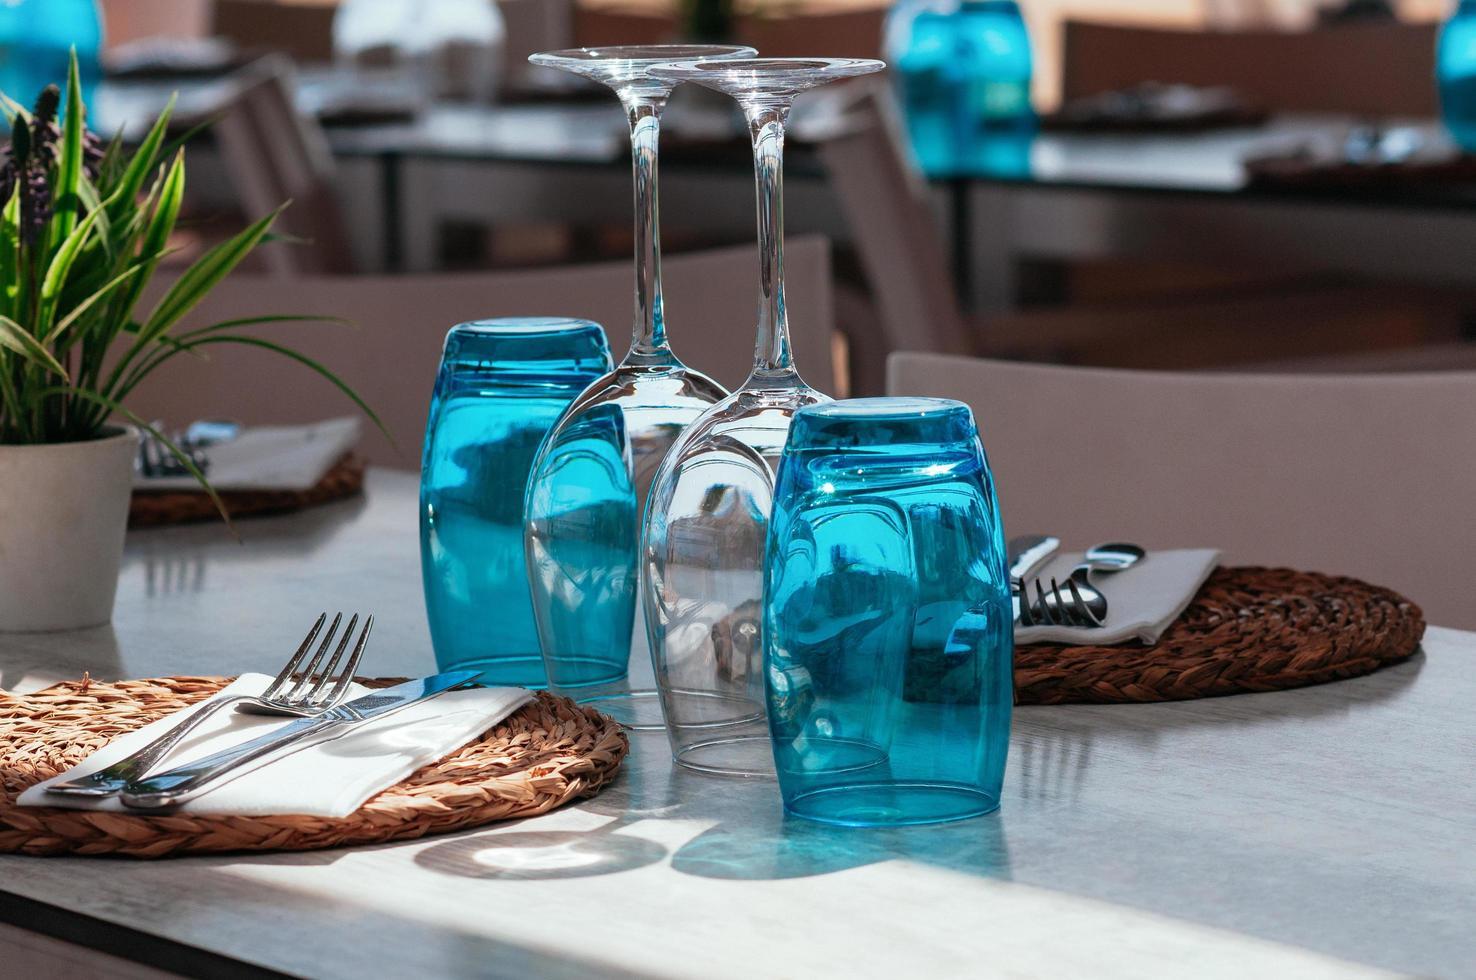 bord blå uppställning på restaurang eller café utomhus foto